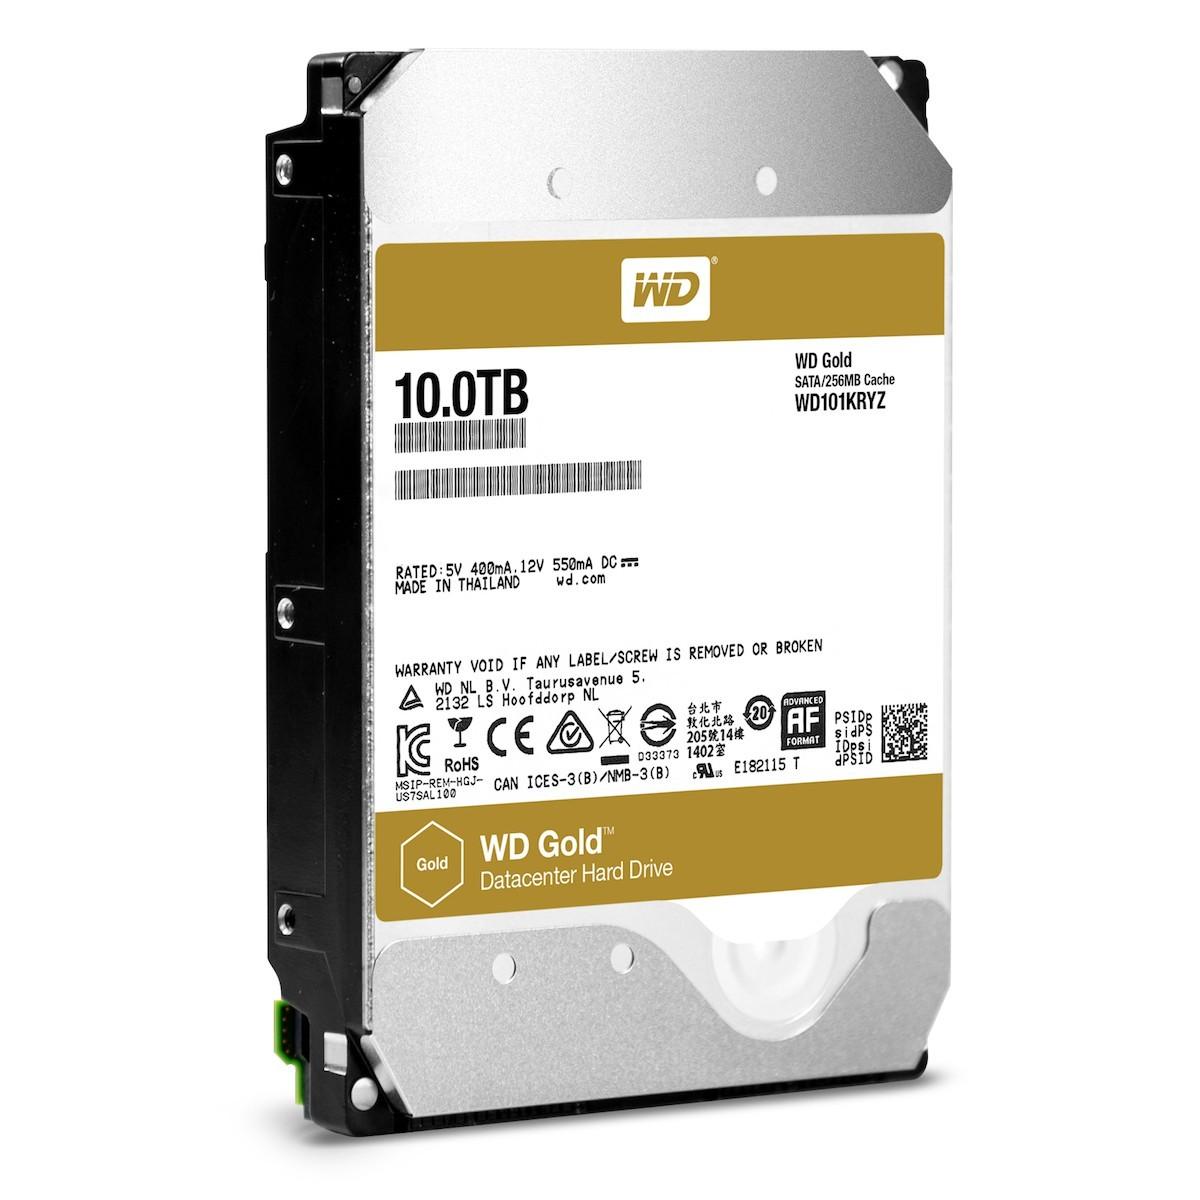 Ra mắt ổ WD Gold dùng công nghệ khí Heli, dung lượng tới 10TB